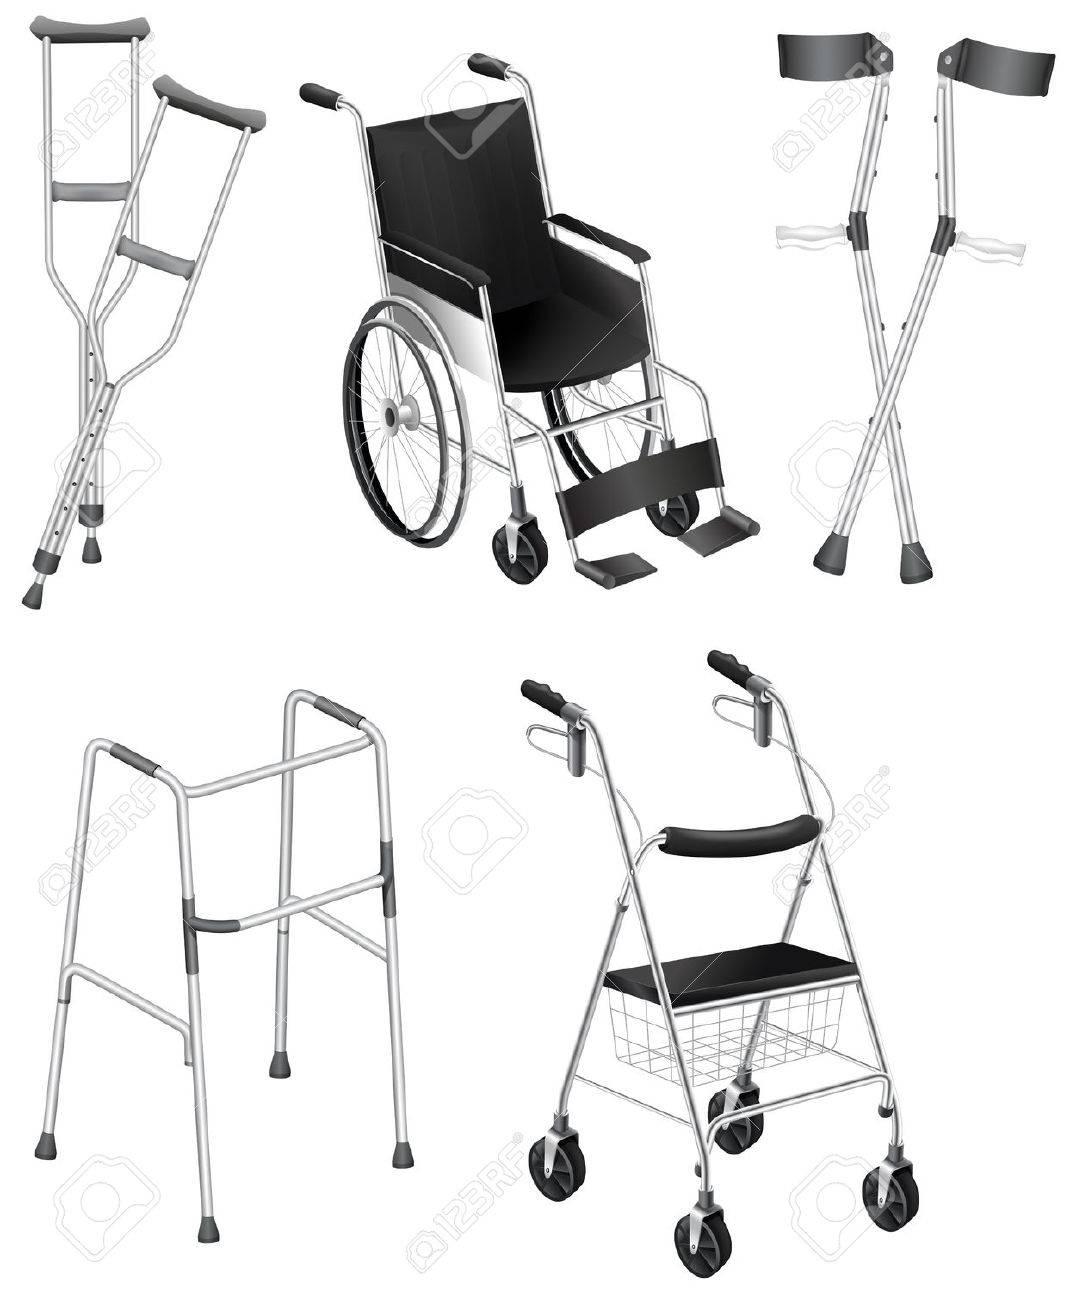 Ilustración de las muletas y sillas de ruedas en un fondo blanco